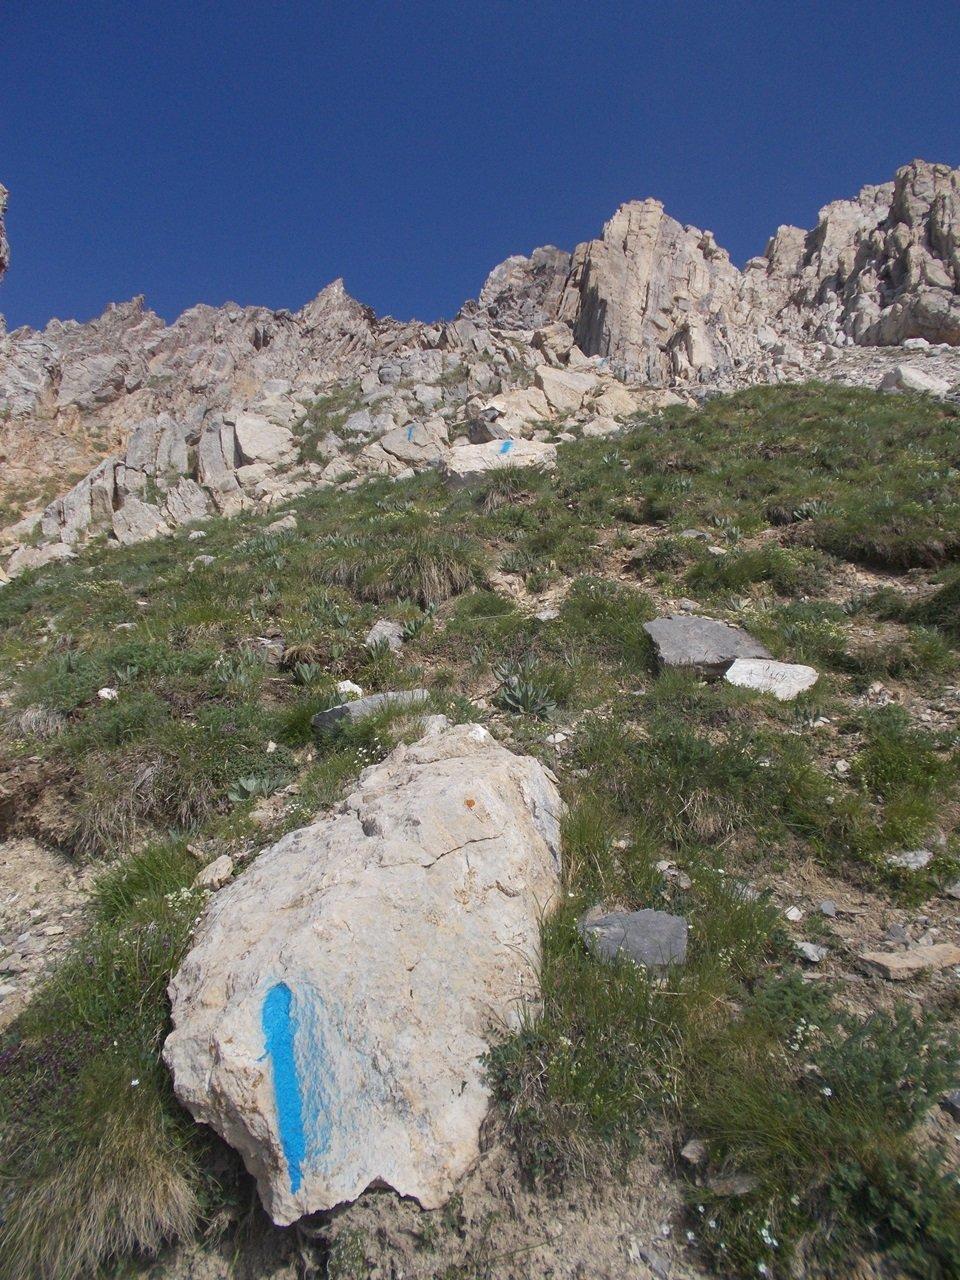 le tacche blu dell'itinerario di salita